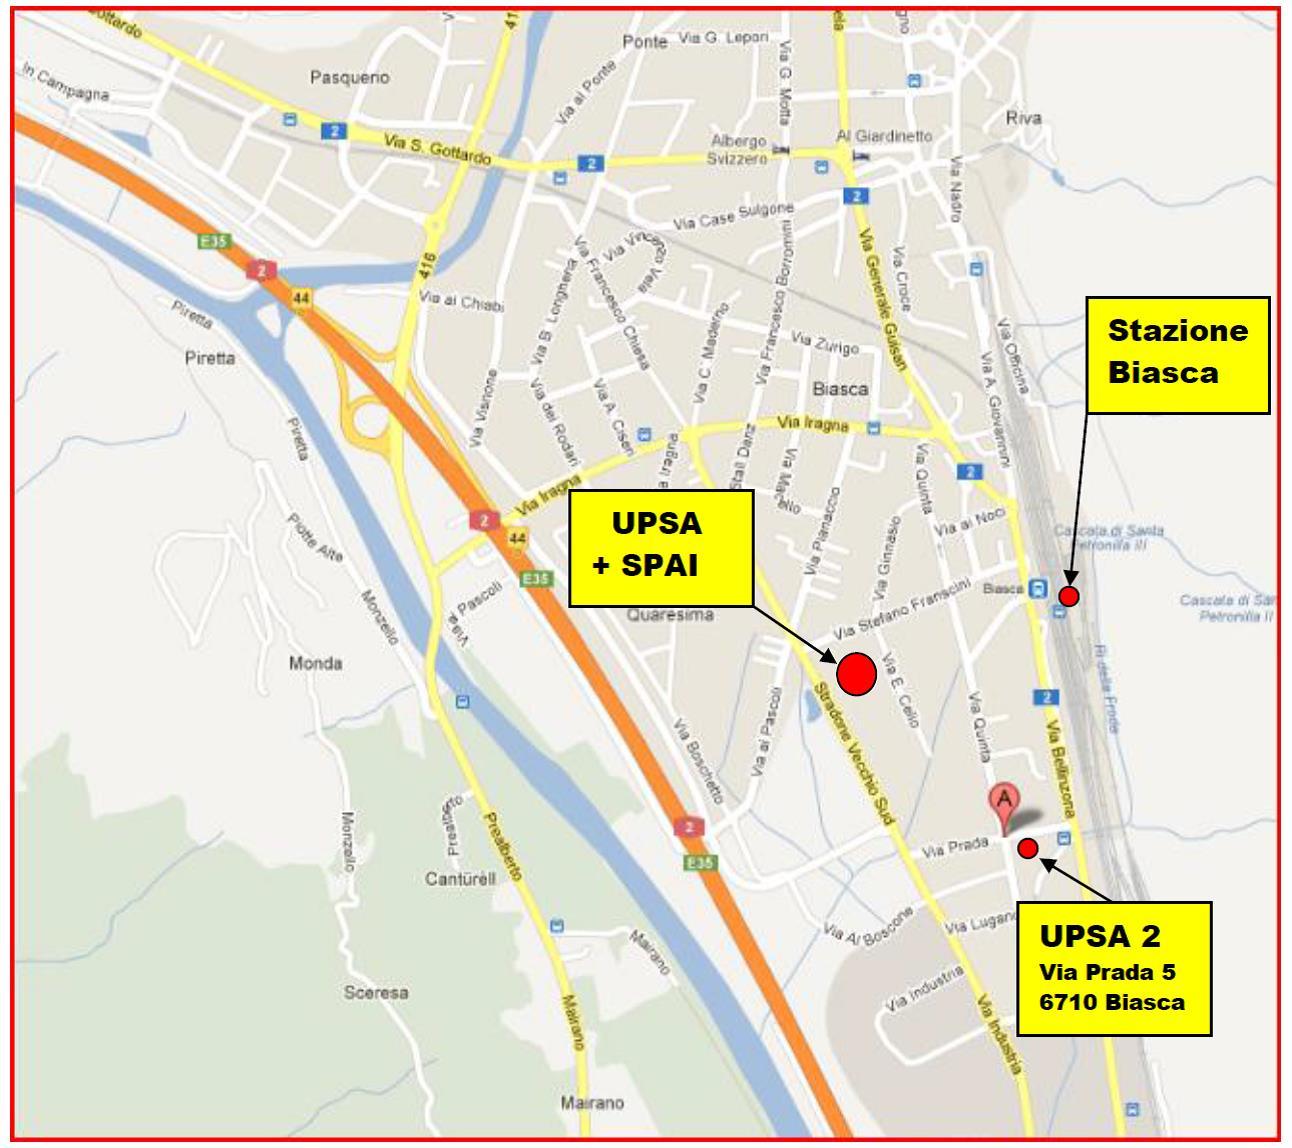 Centri di formazione professionale UPSA 1 + 2 a Biasca